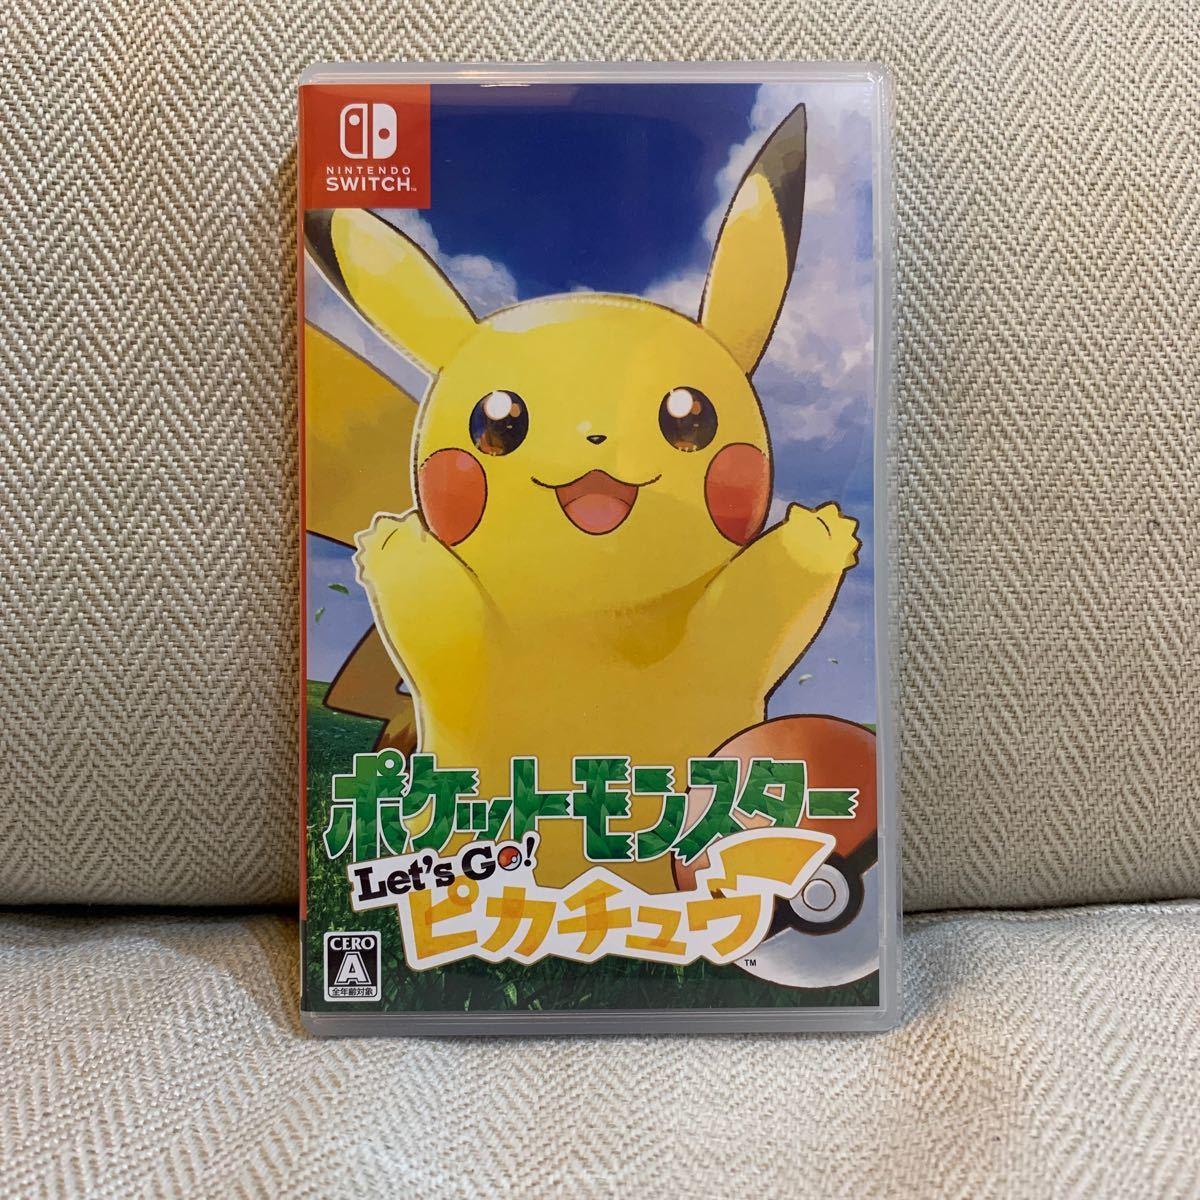 値下げ中【Switch】 ポケットモンスター Let s Go! ピカチュウ [通常版]